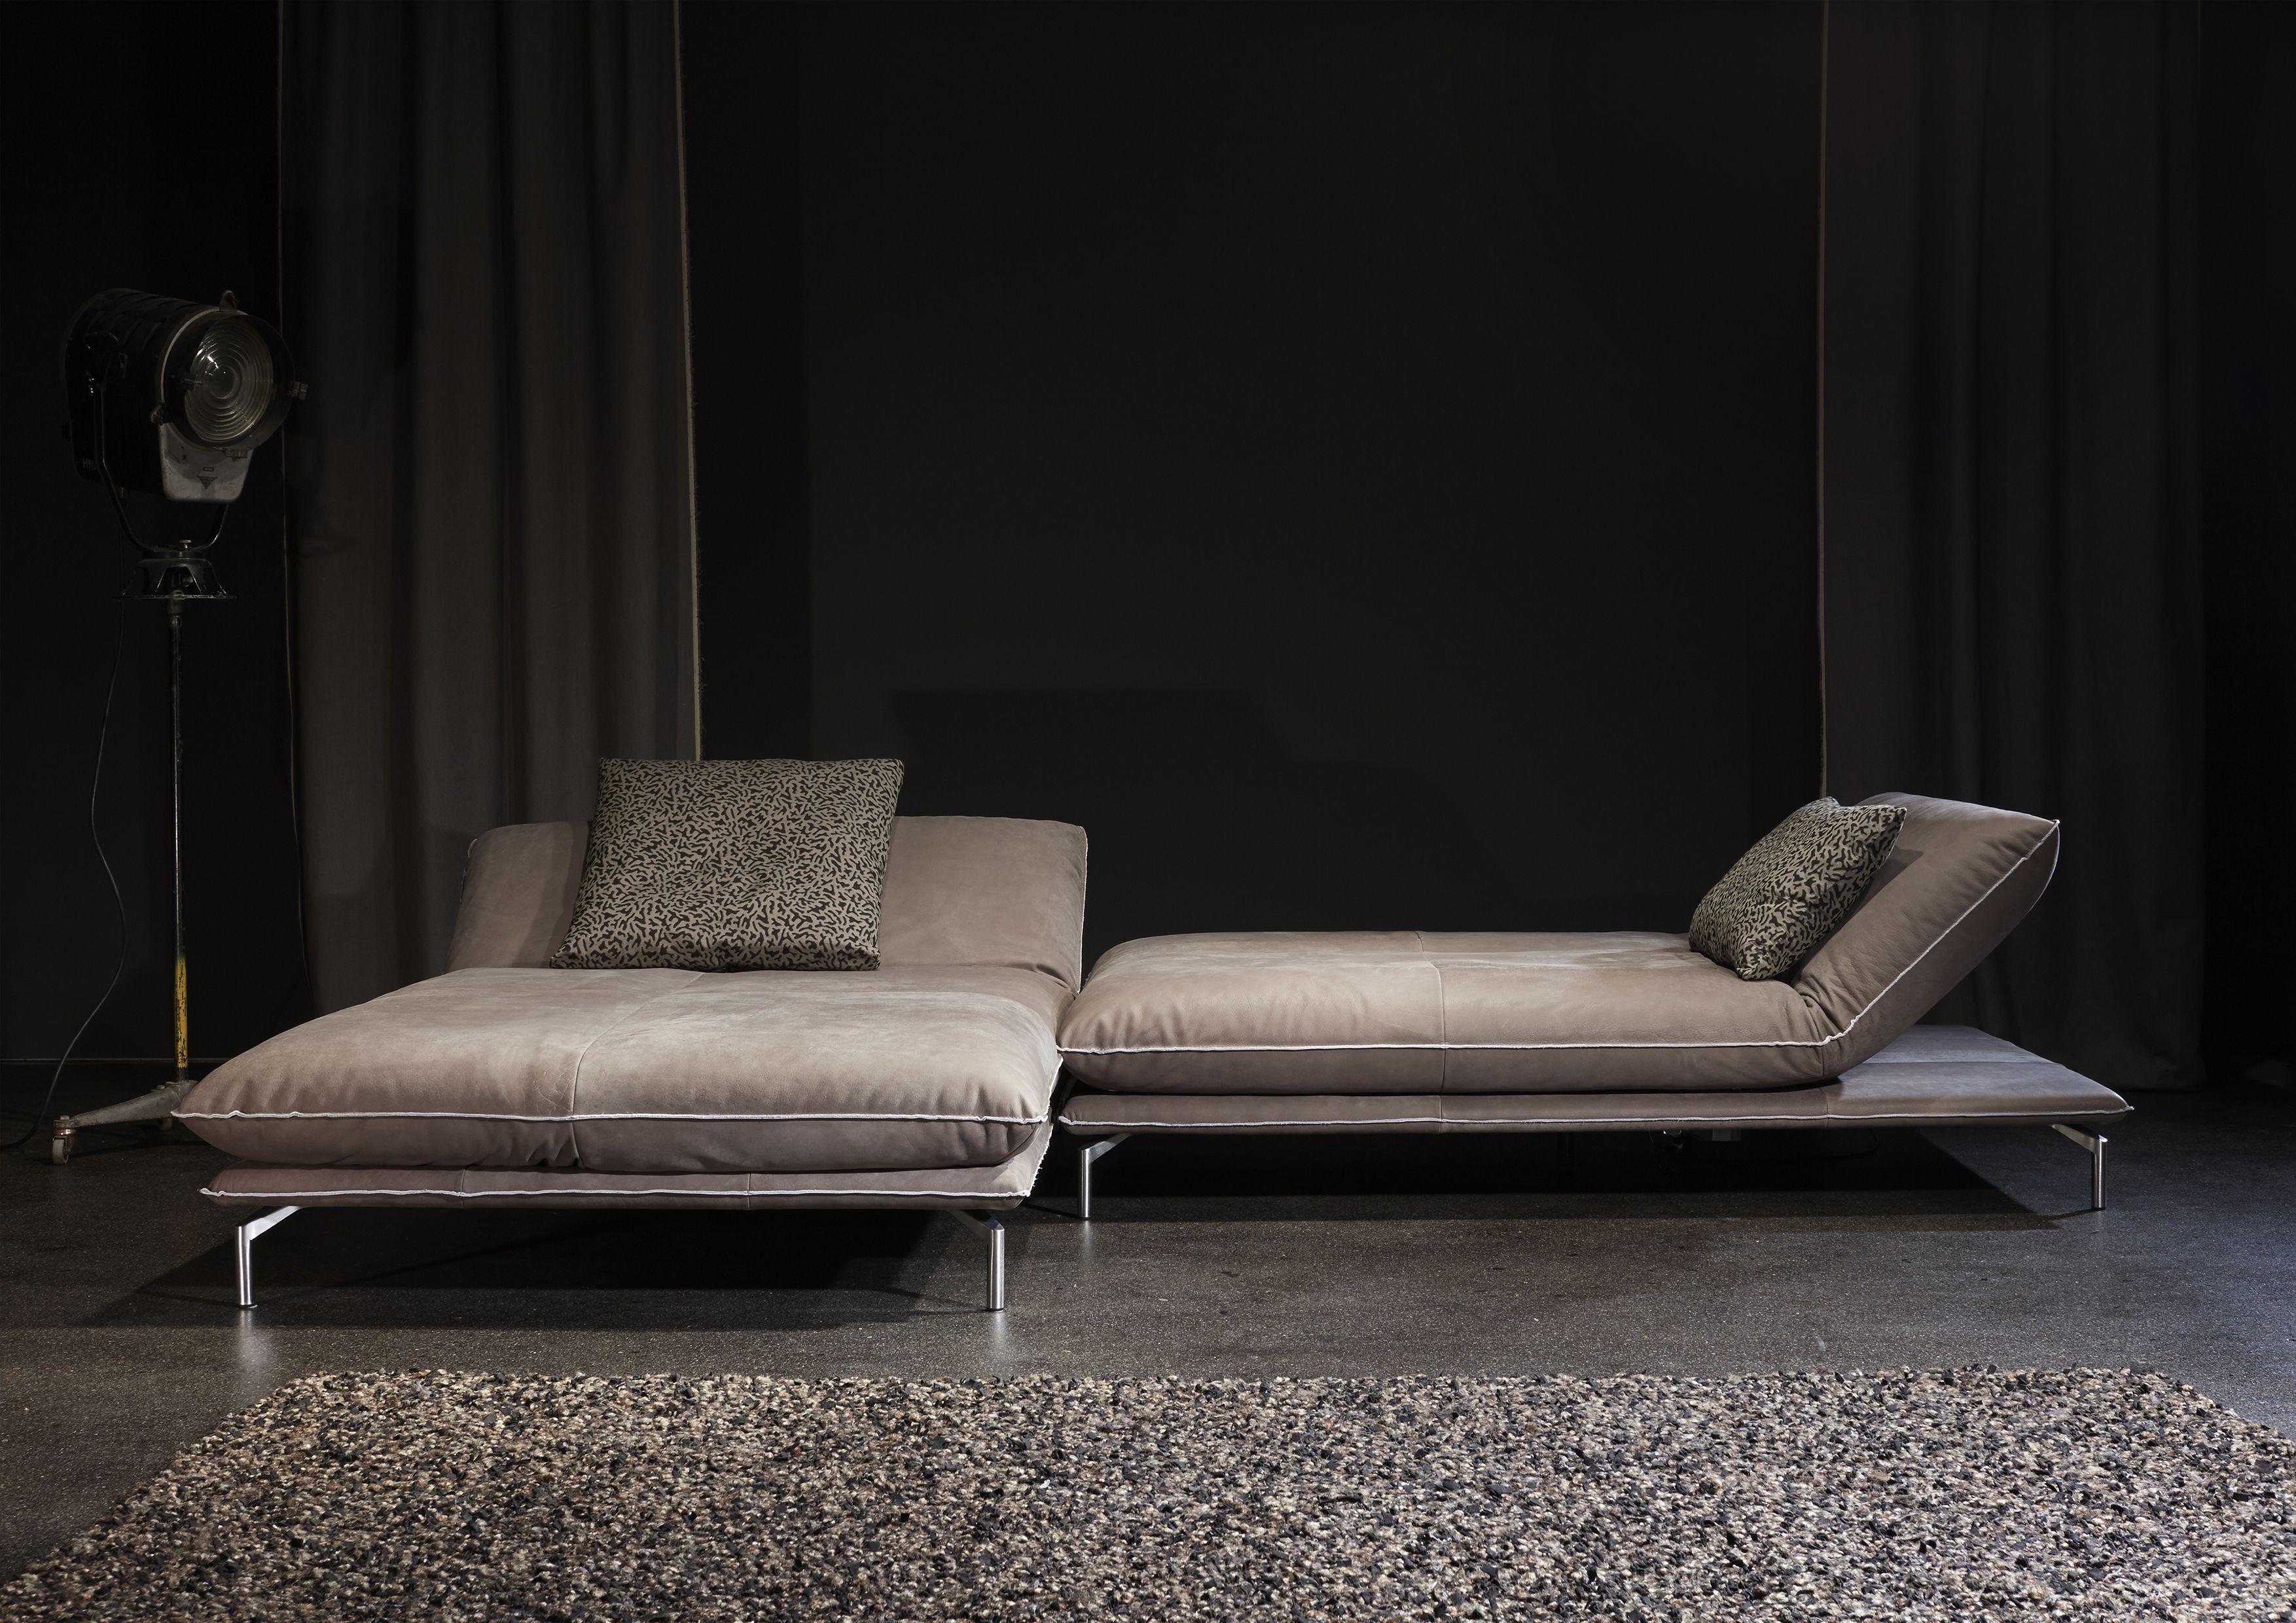 CAESAR* – das etwas andere Sofa. Anders im Design, anders im